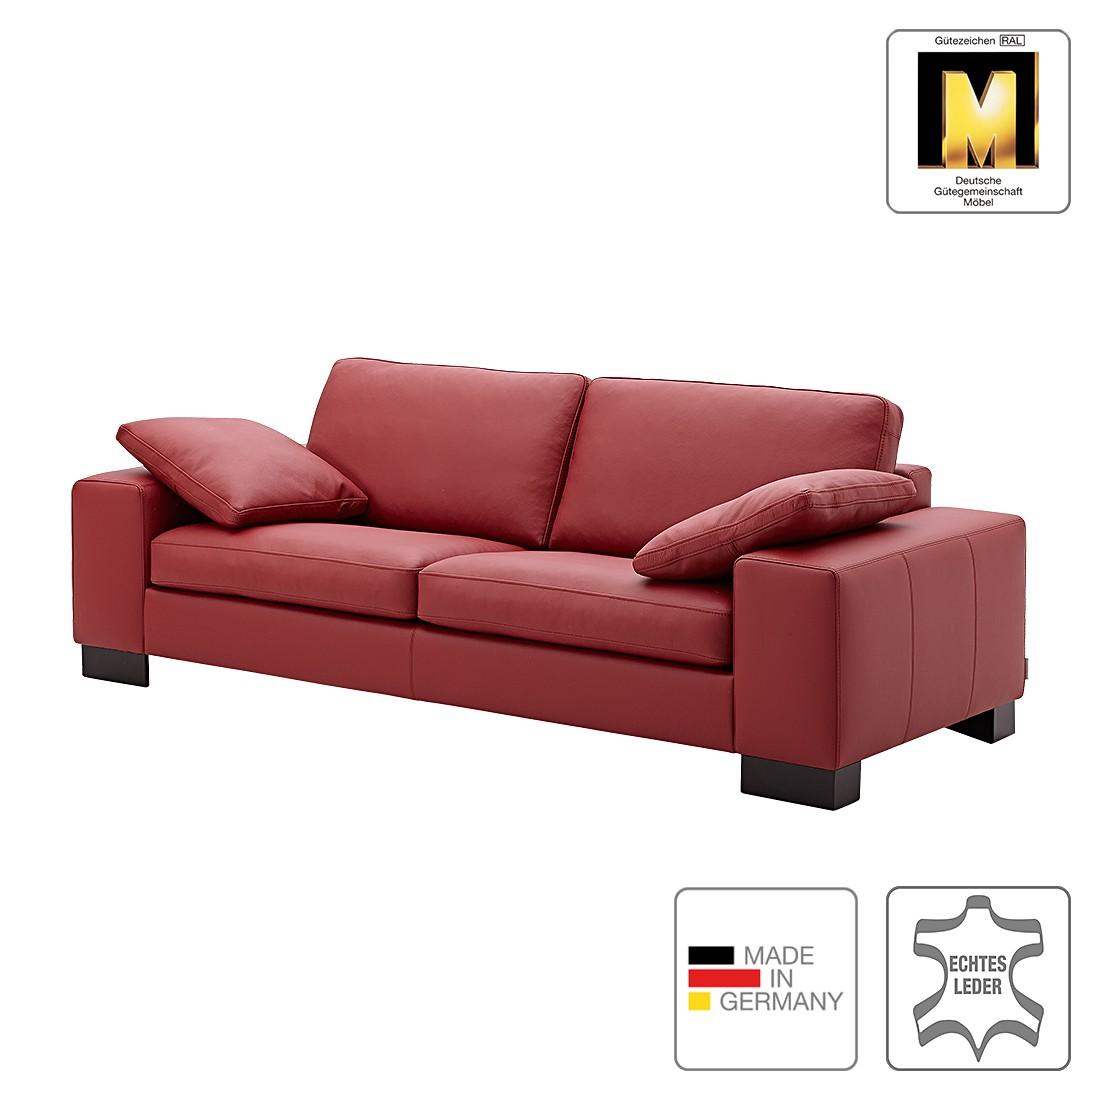 Sofa Matador (3-Sitzer) - Echtleder - Dunkelrot - 1 Kissen, Machalke Polsterwerkstätten